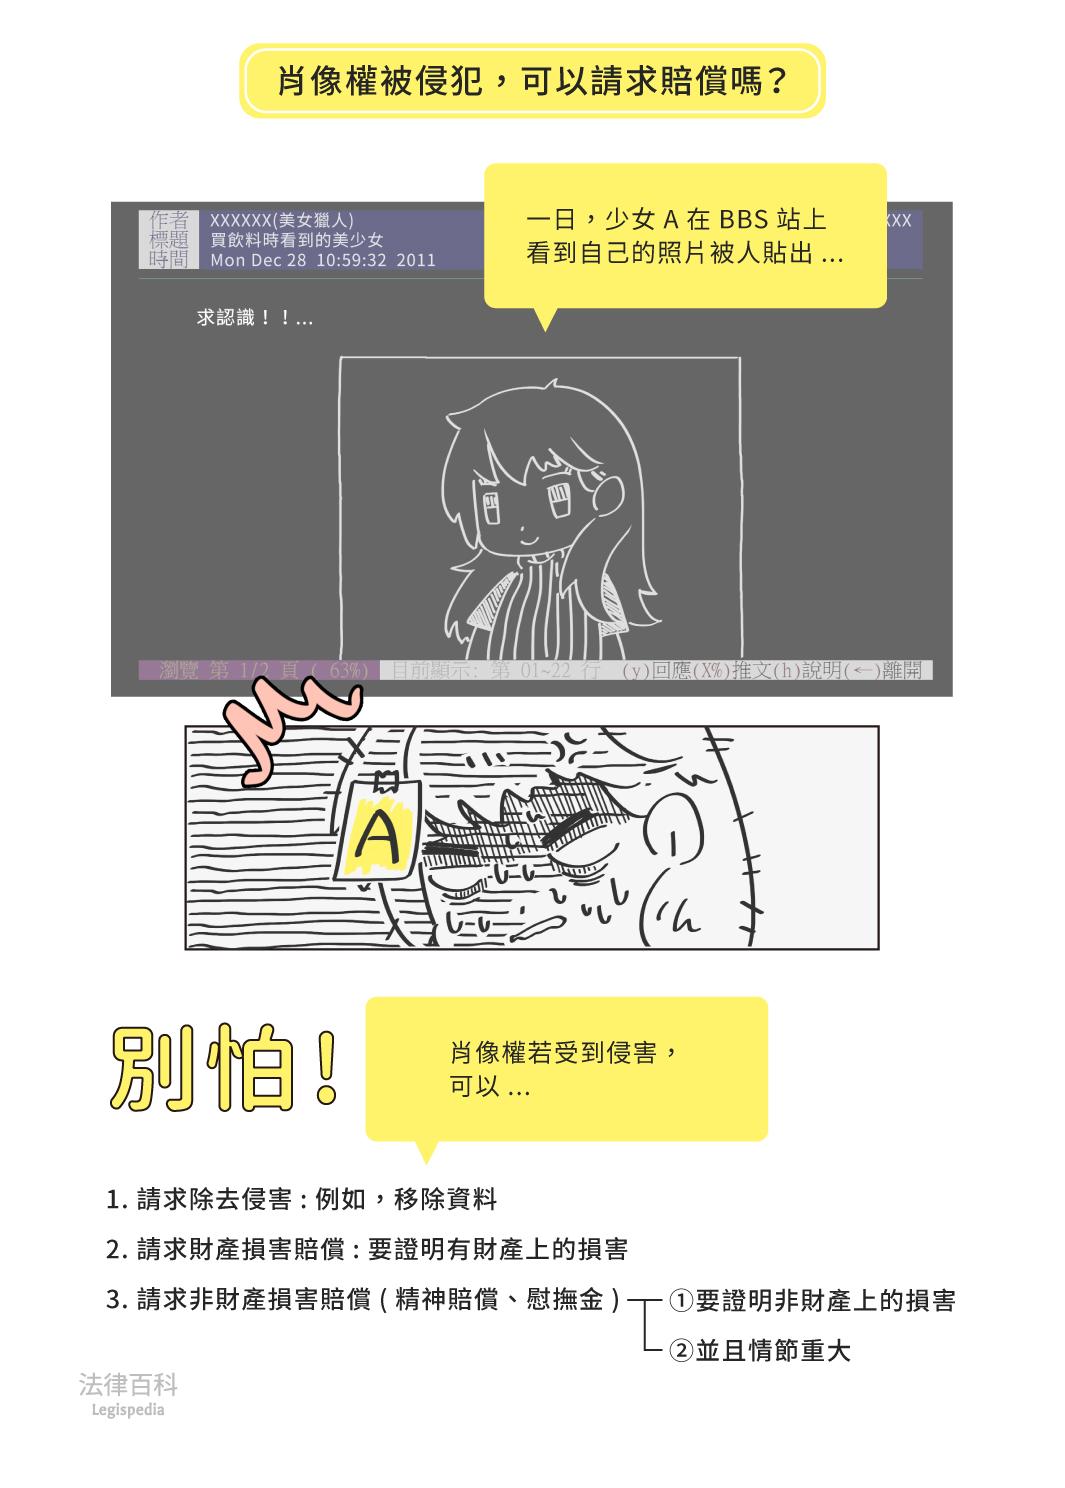 圖1 肖像權被侵犯,可以請求賠償嗎?||資料來源:江皇樺 / 繪圖:Yen